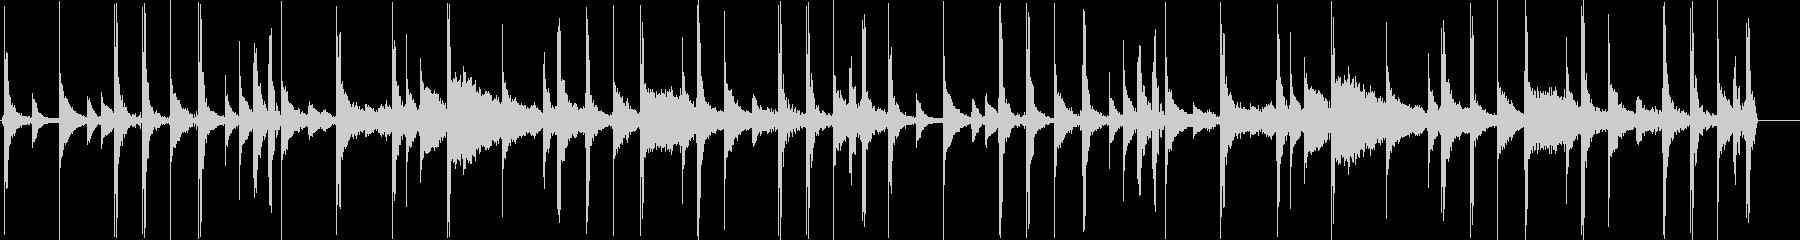 ロック向け生ドラムループ 100bpm の未再生の波形